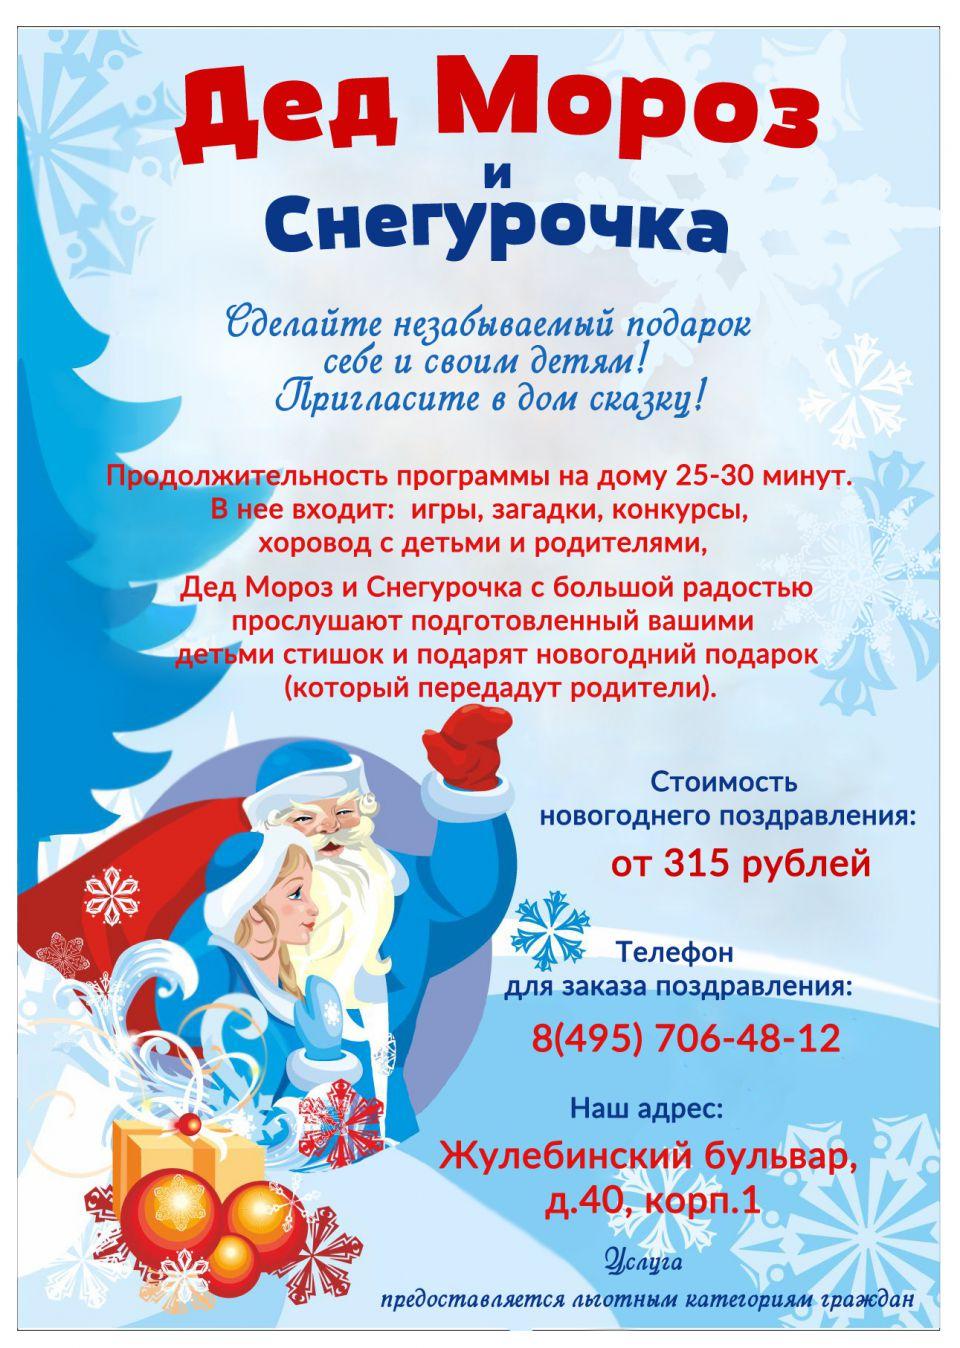 Поздравления от деда мороза и снегурочки коллективу